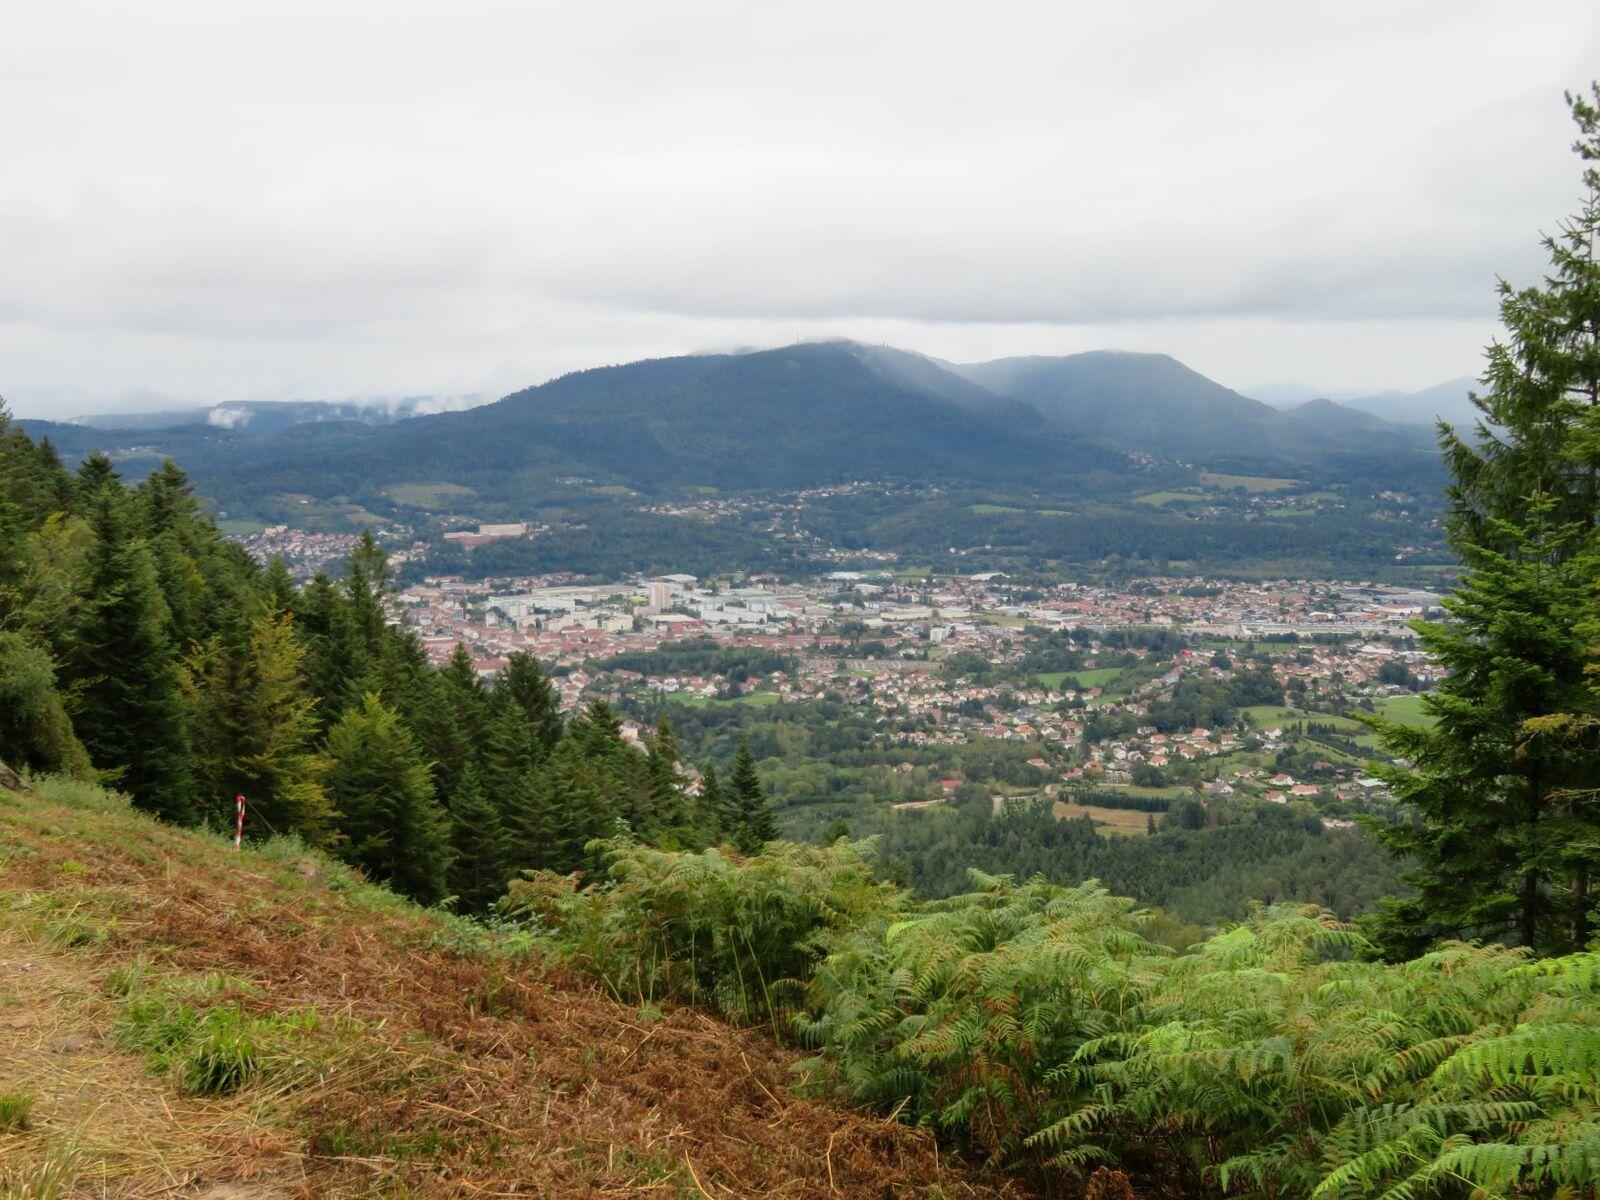 Mercredi 6 octobre - Randonnée dans le massif du Kemberg (Saint-Dié-des-Vosges)